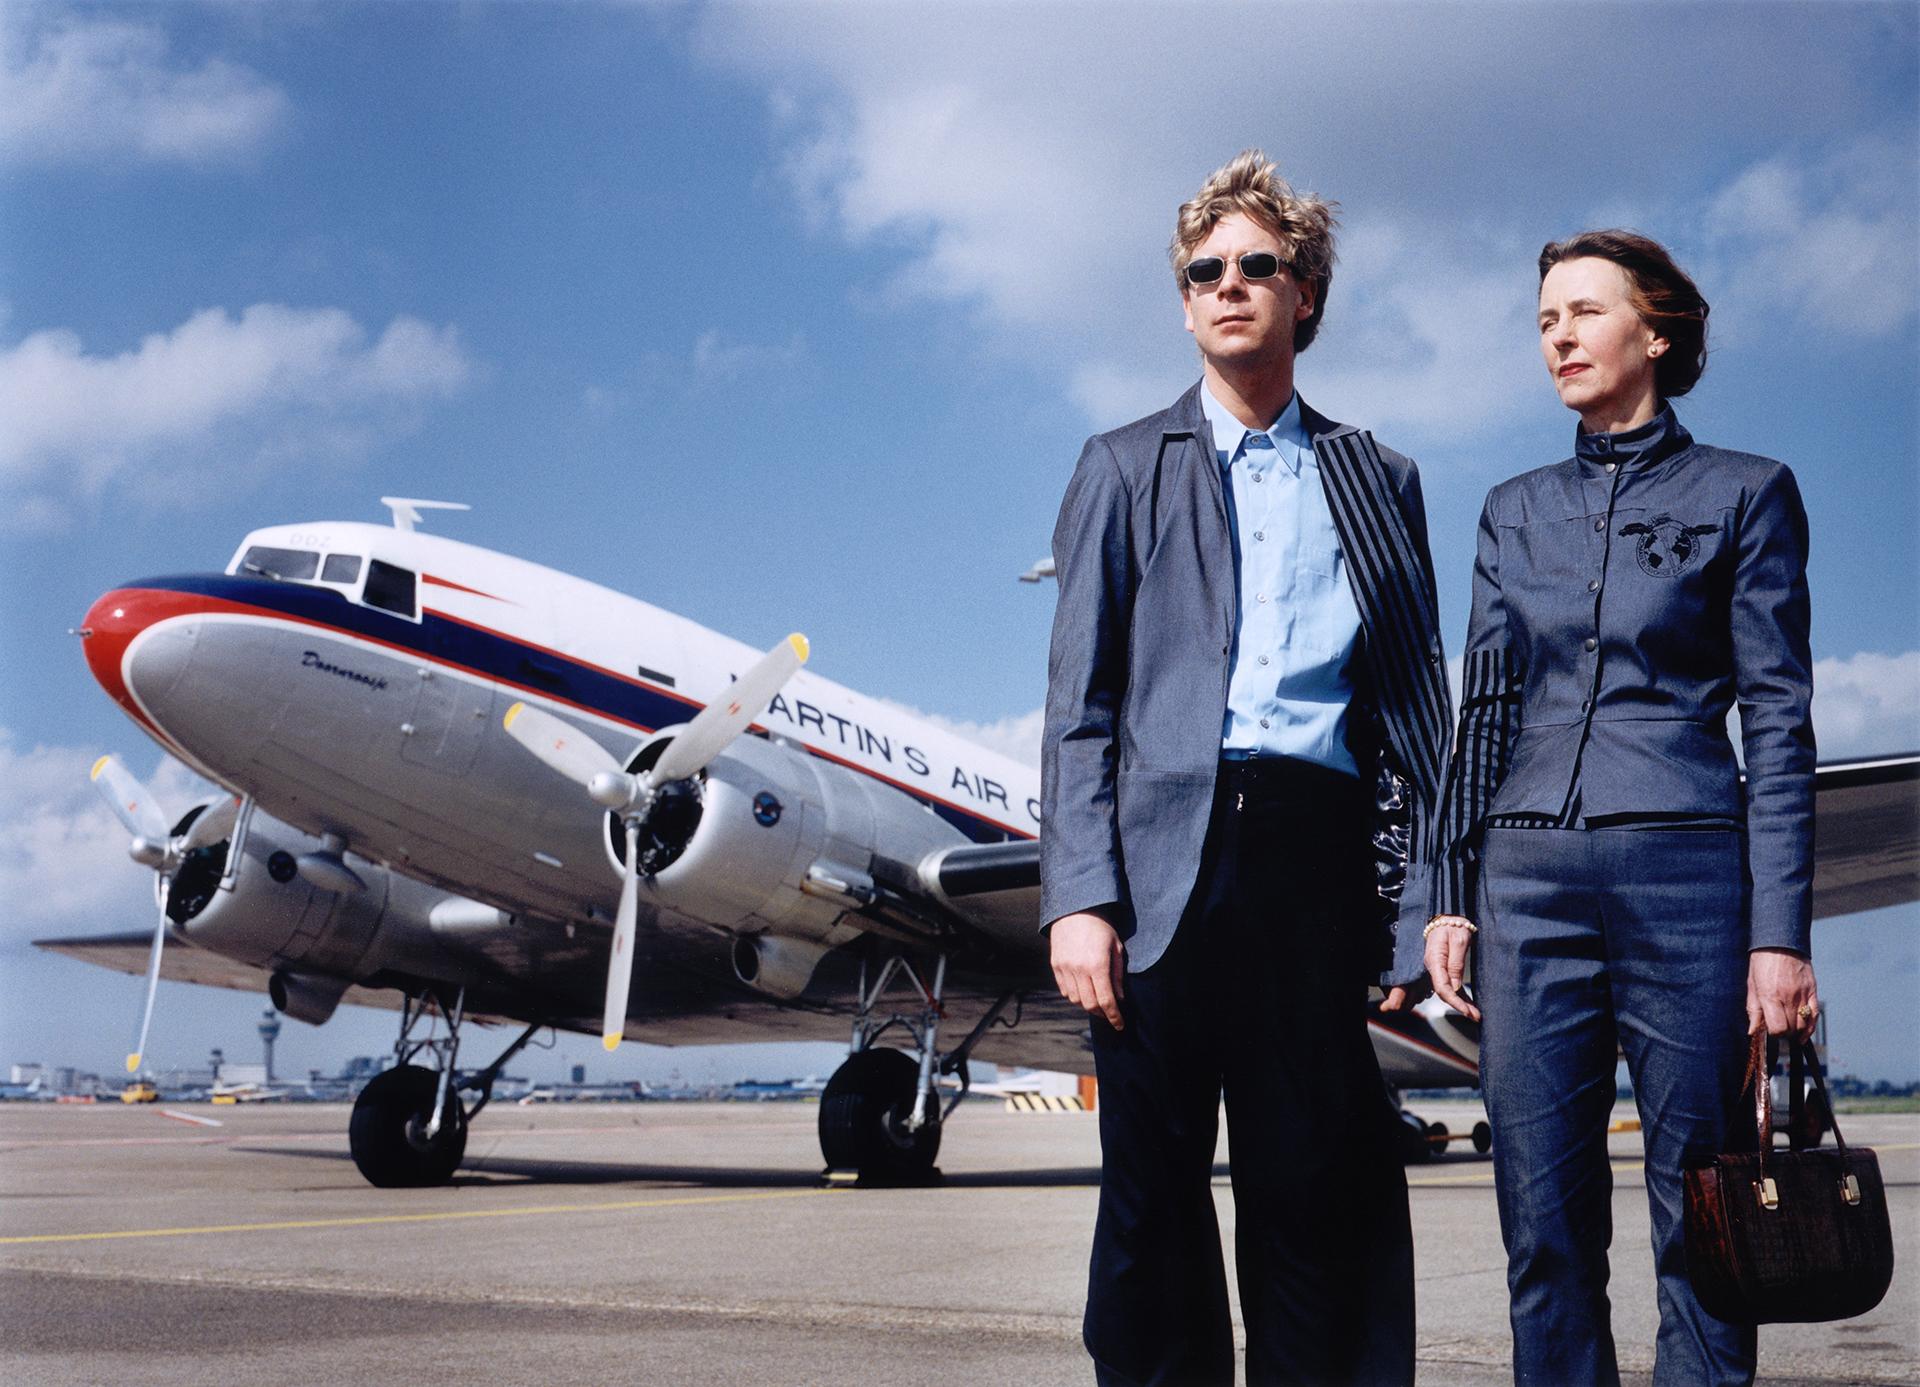 Photo from Cees Krijnen and Greta Blok wearing Woman in Divorce battle suits, 2000. Schiphol Amsterdam, met een Dakota genaamd 'Doornroosje' op de achtergrond.